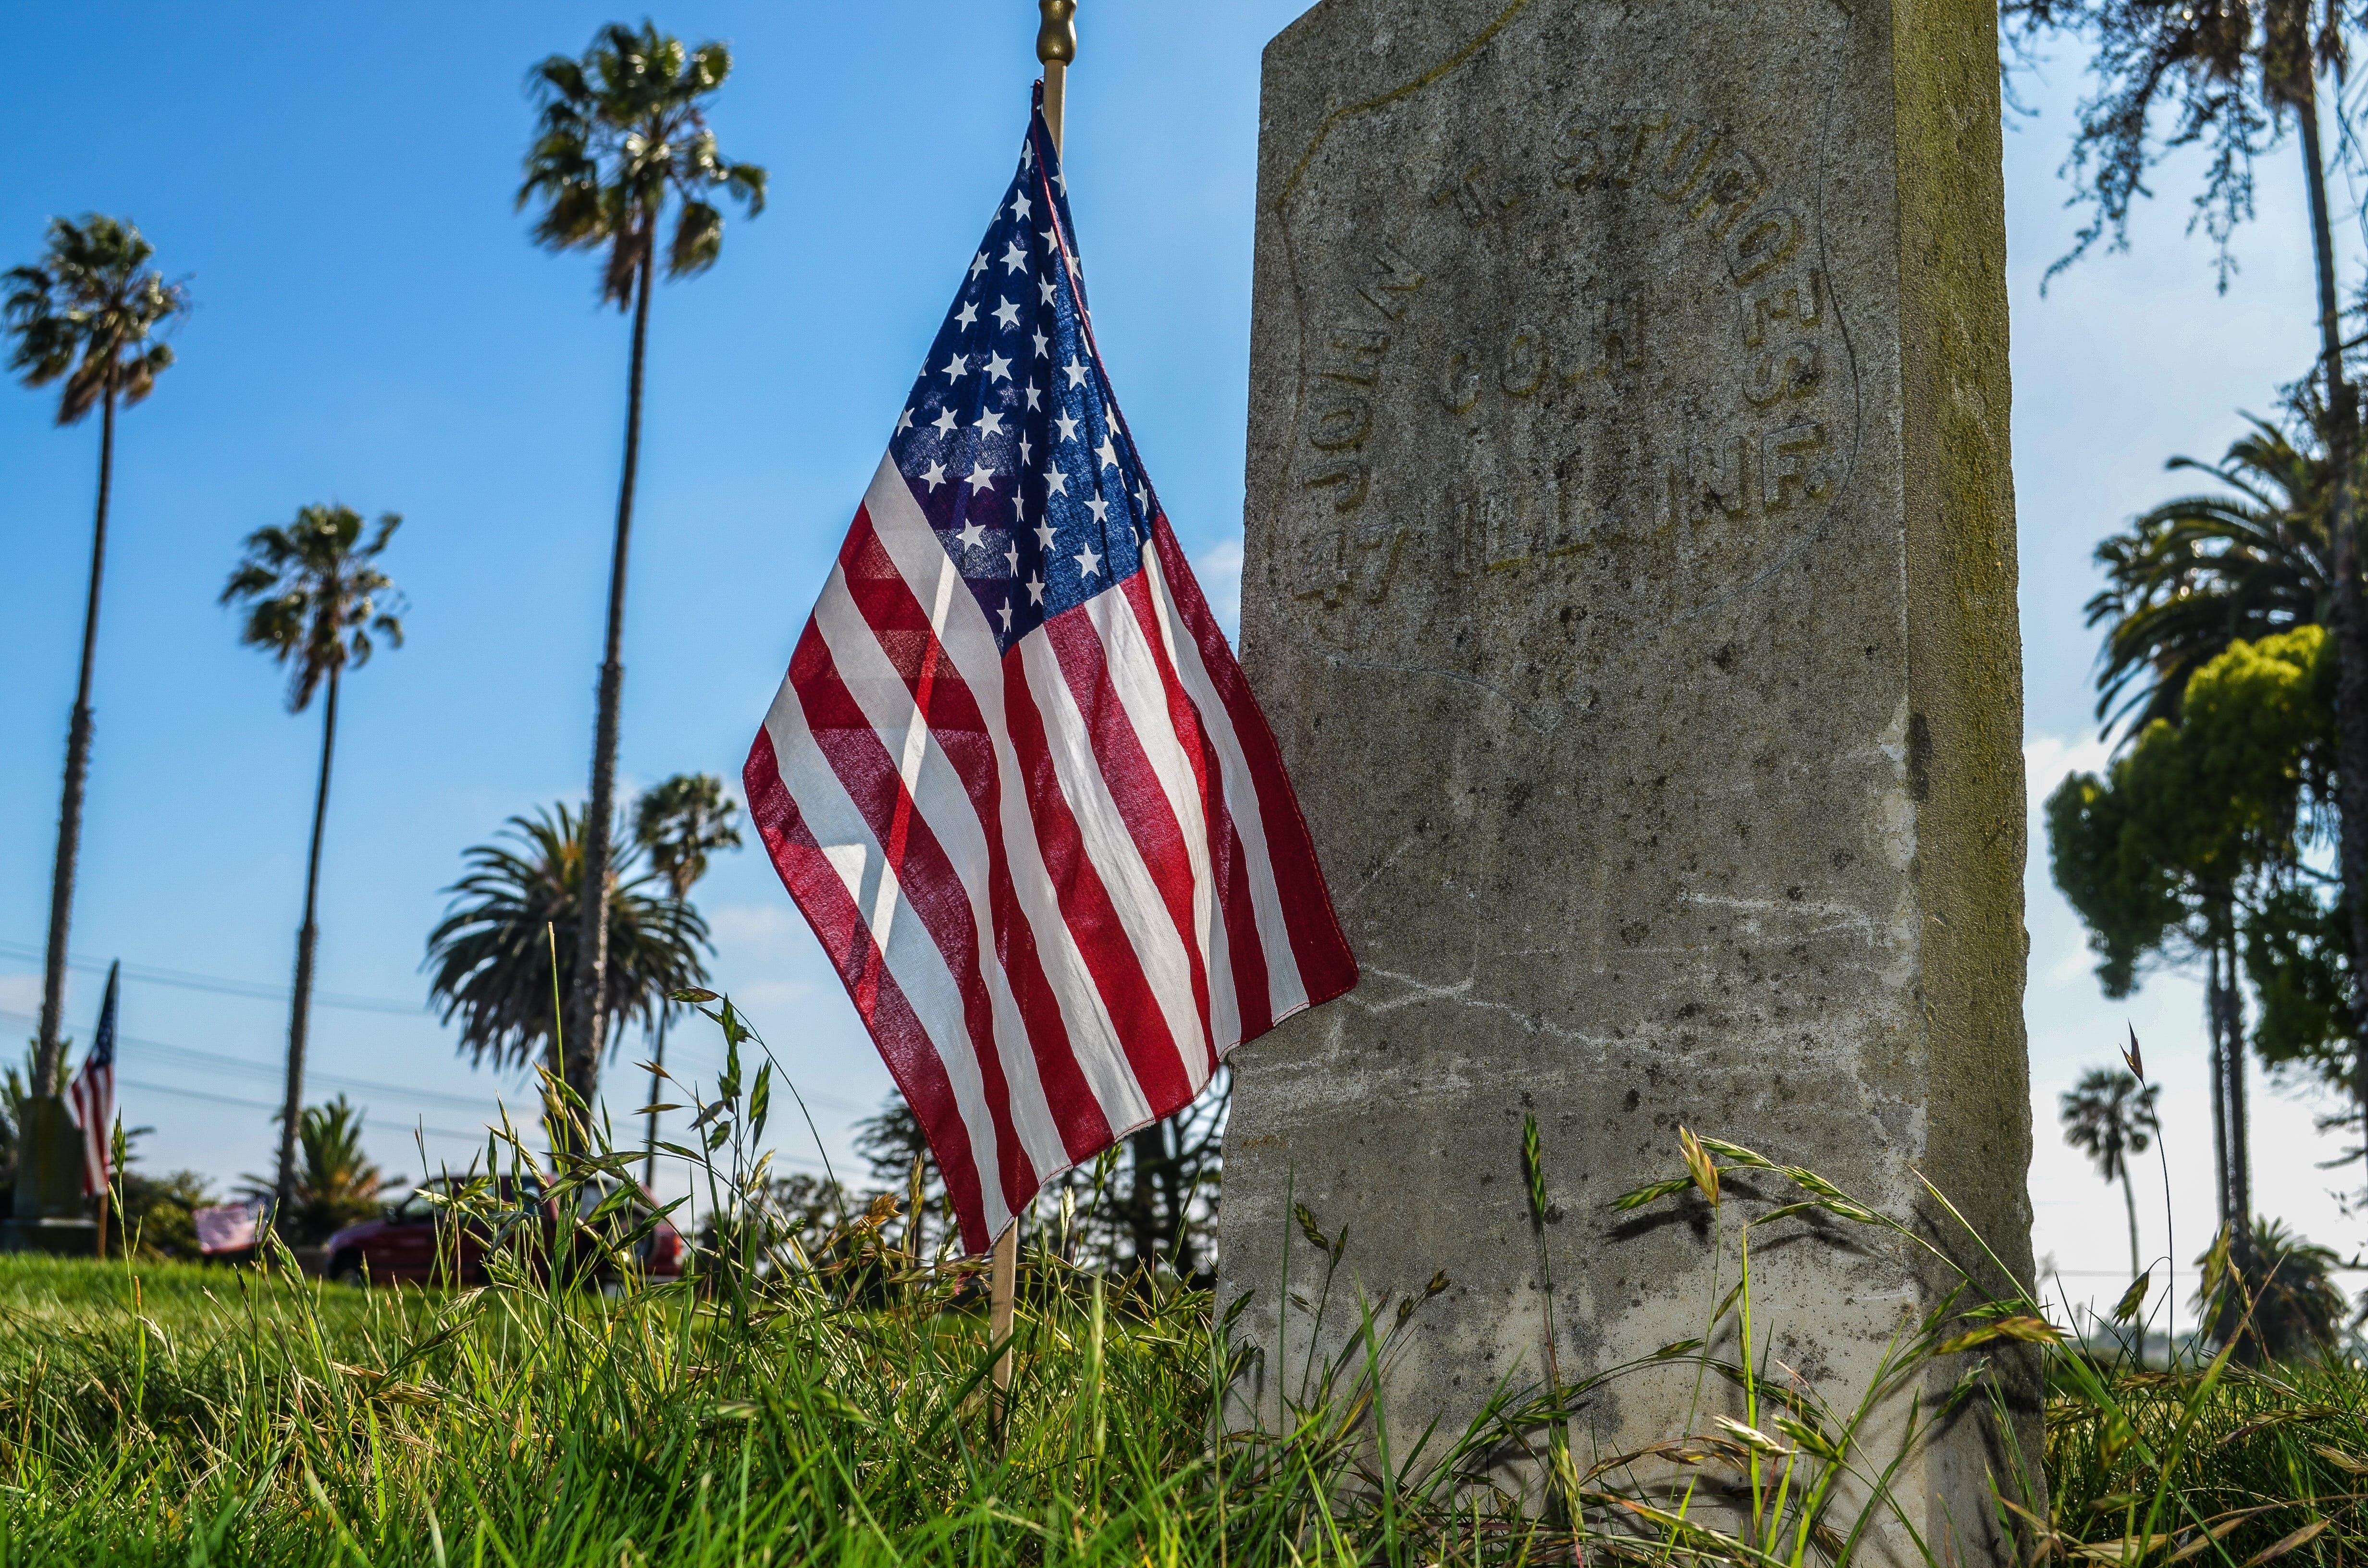 Gratis lagerfoto af Amerikansk flag, dagslys, grav, græs